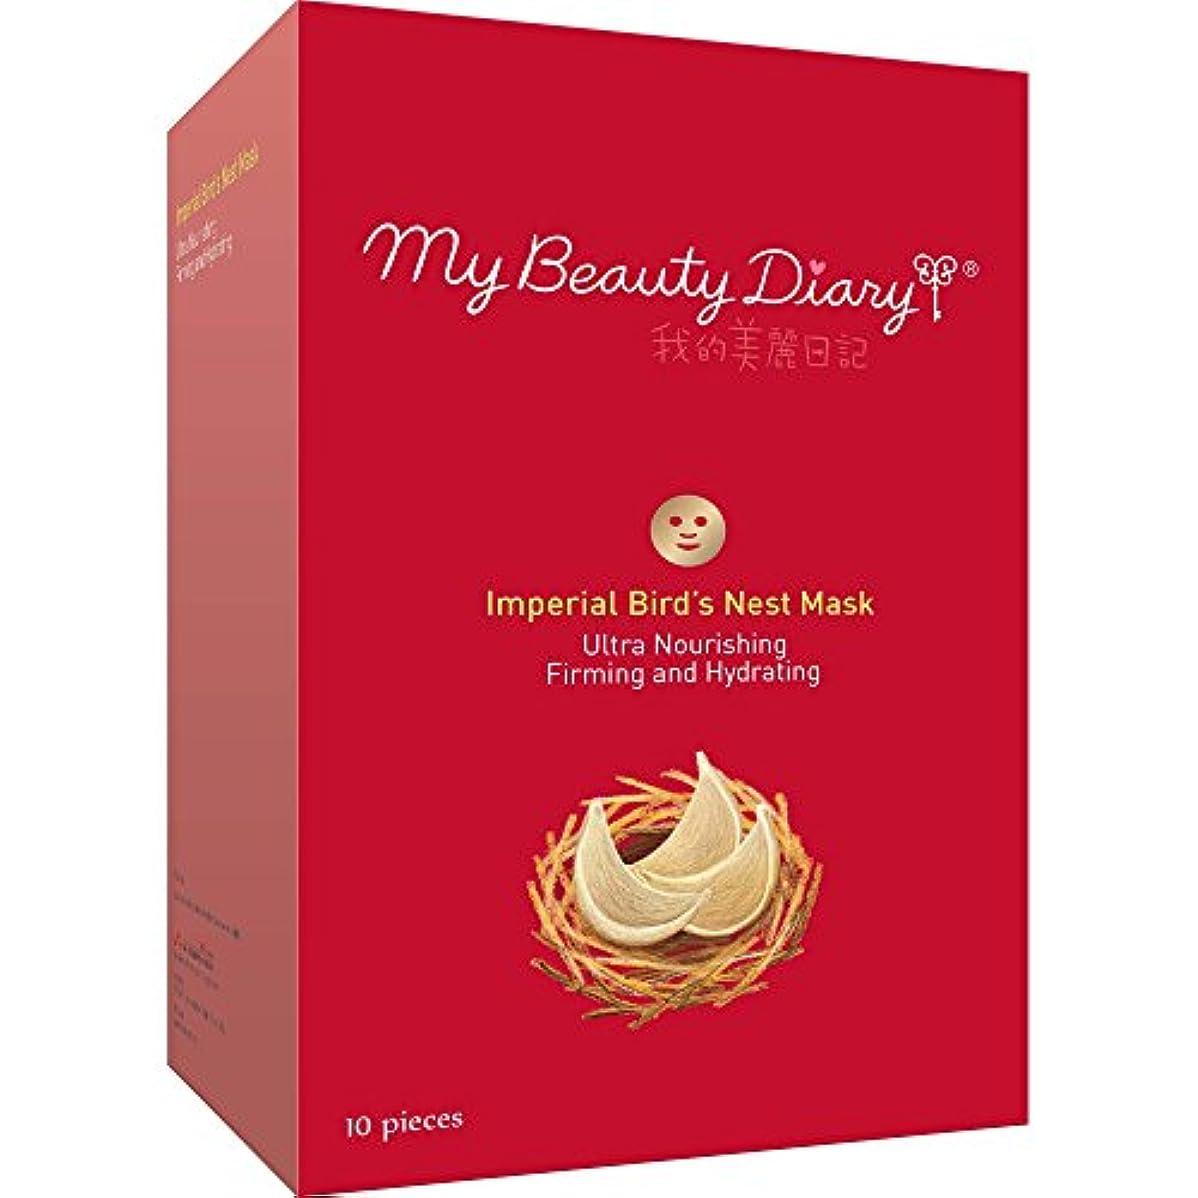 見せますセンチメンタルしつけMy Beauty Diary - Imperial Nest Facial Mask